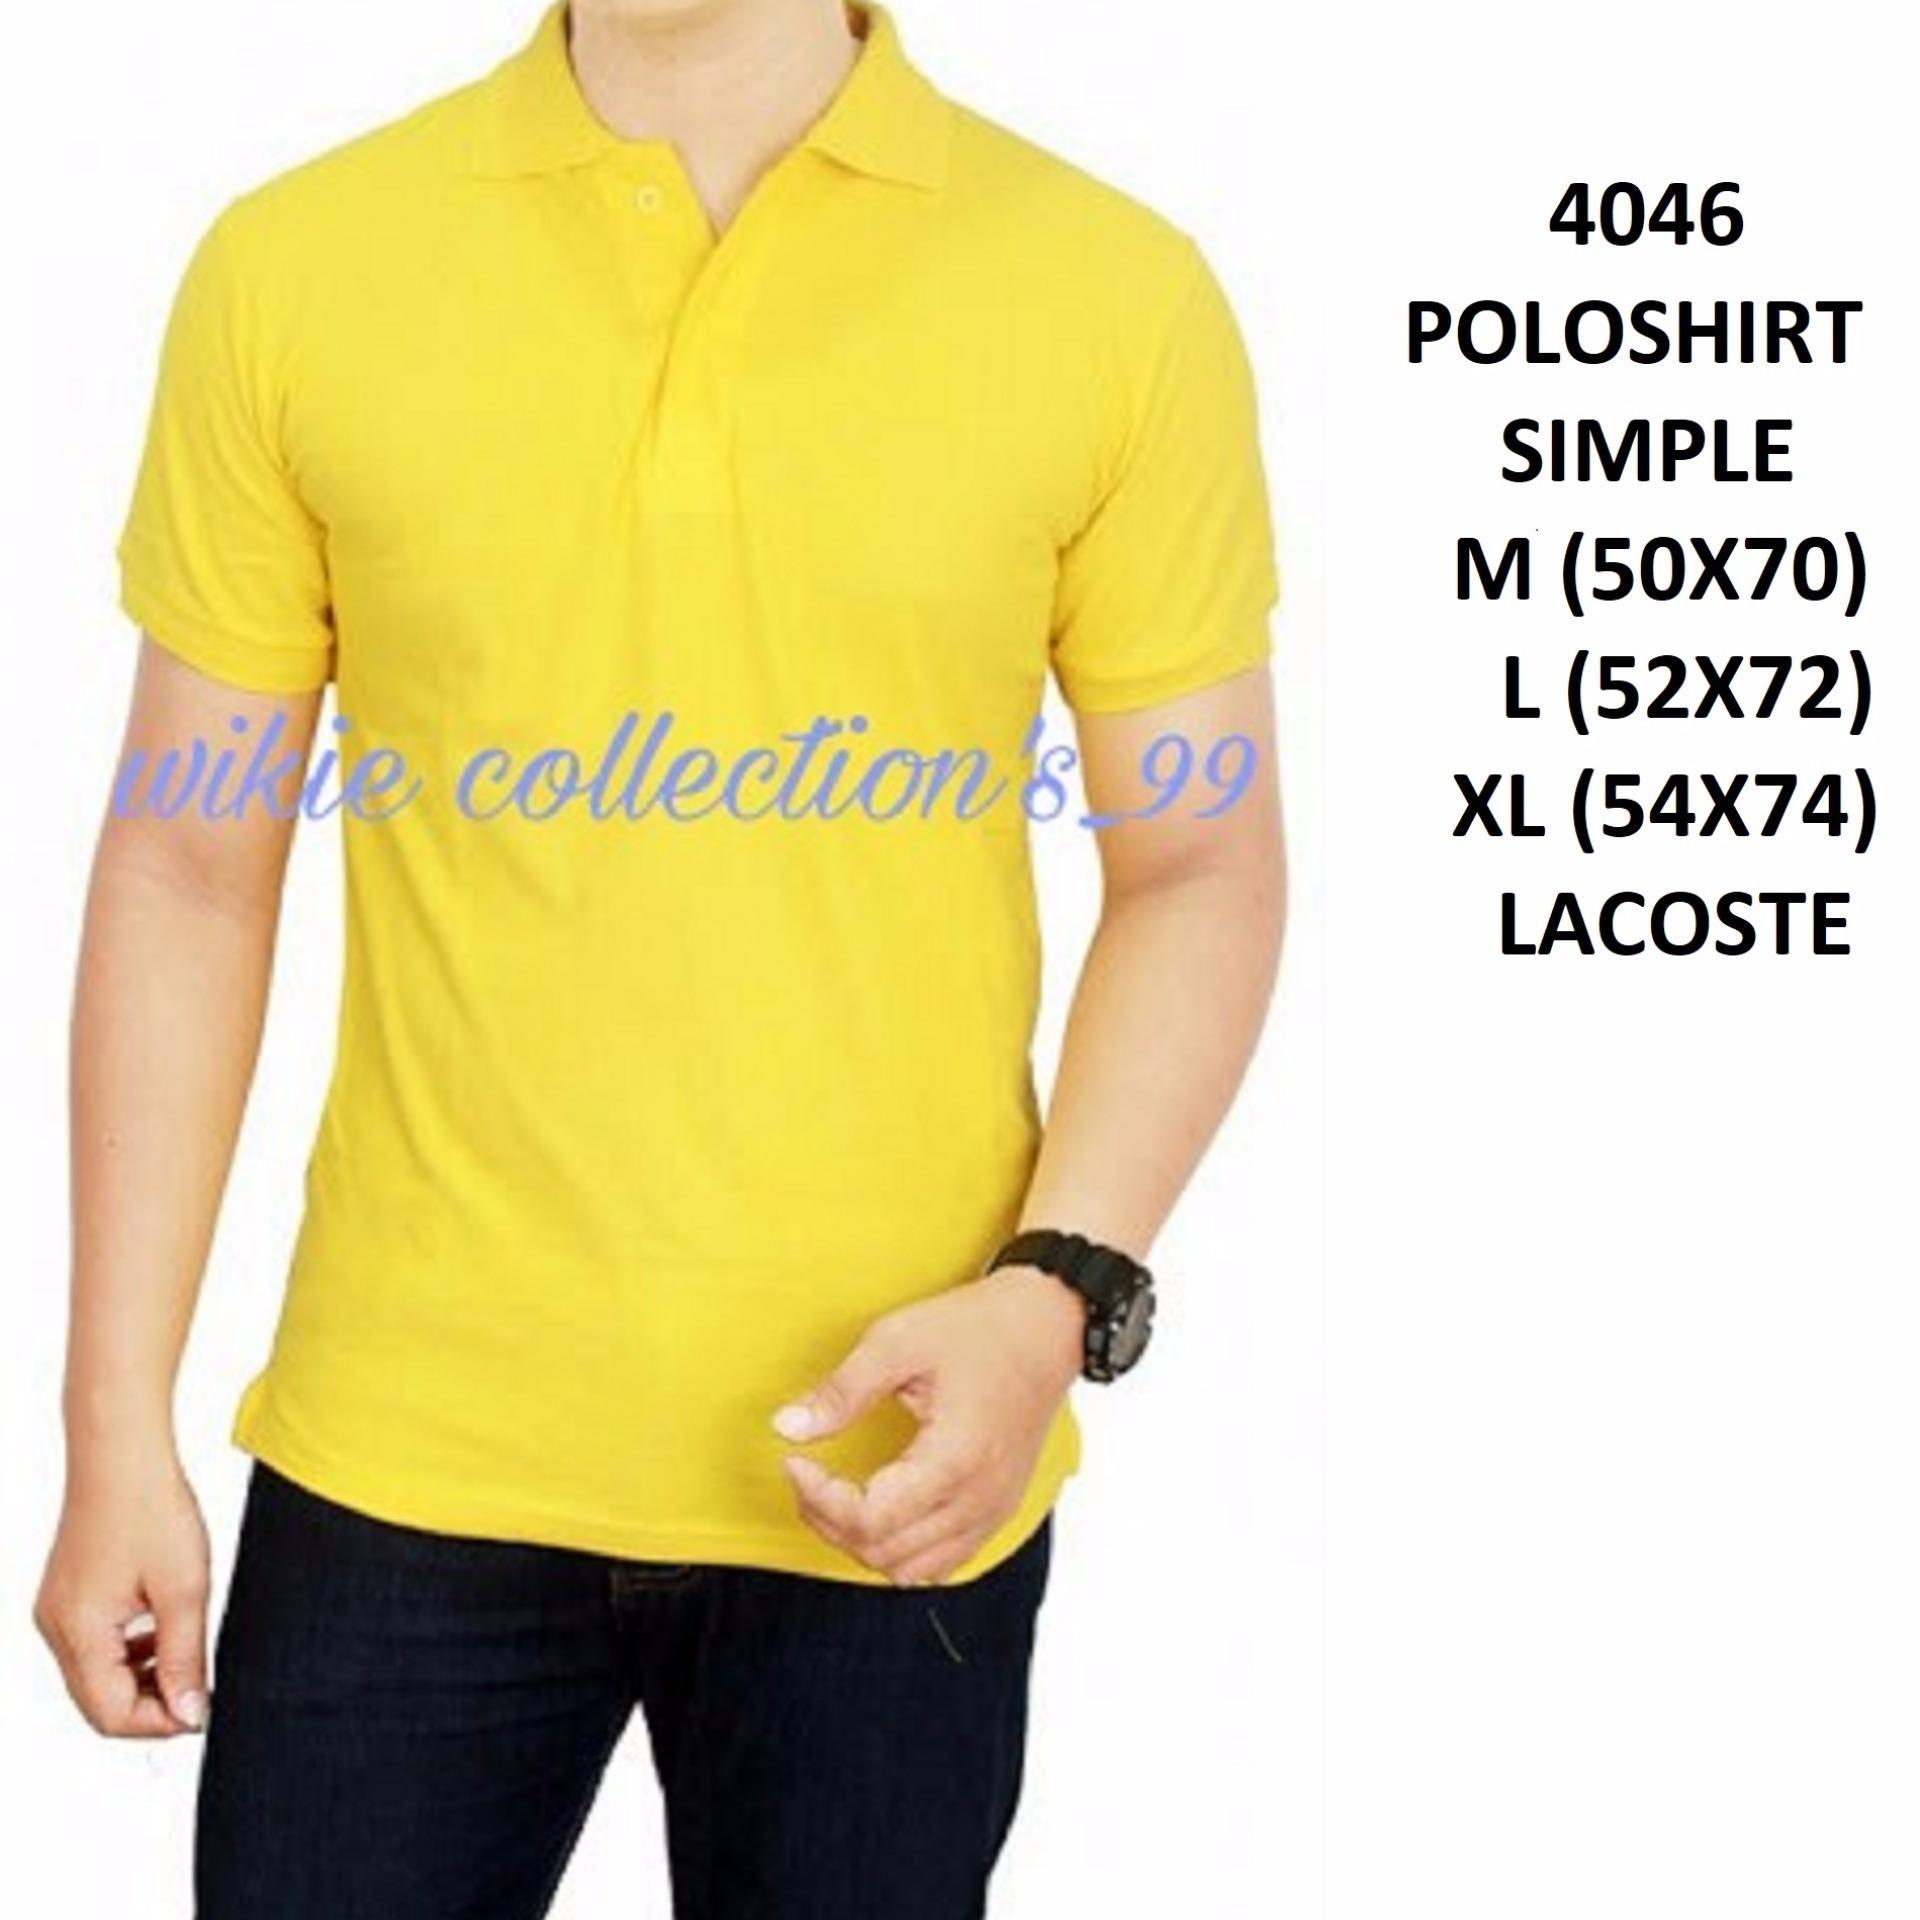 Polos Shirt Polos M L XL Lengan Pendek Kaos Kerah Pakaian Berkerah Atasan Pria Wanita Cewe Cowo